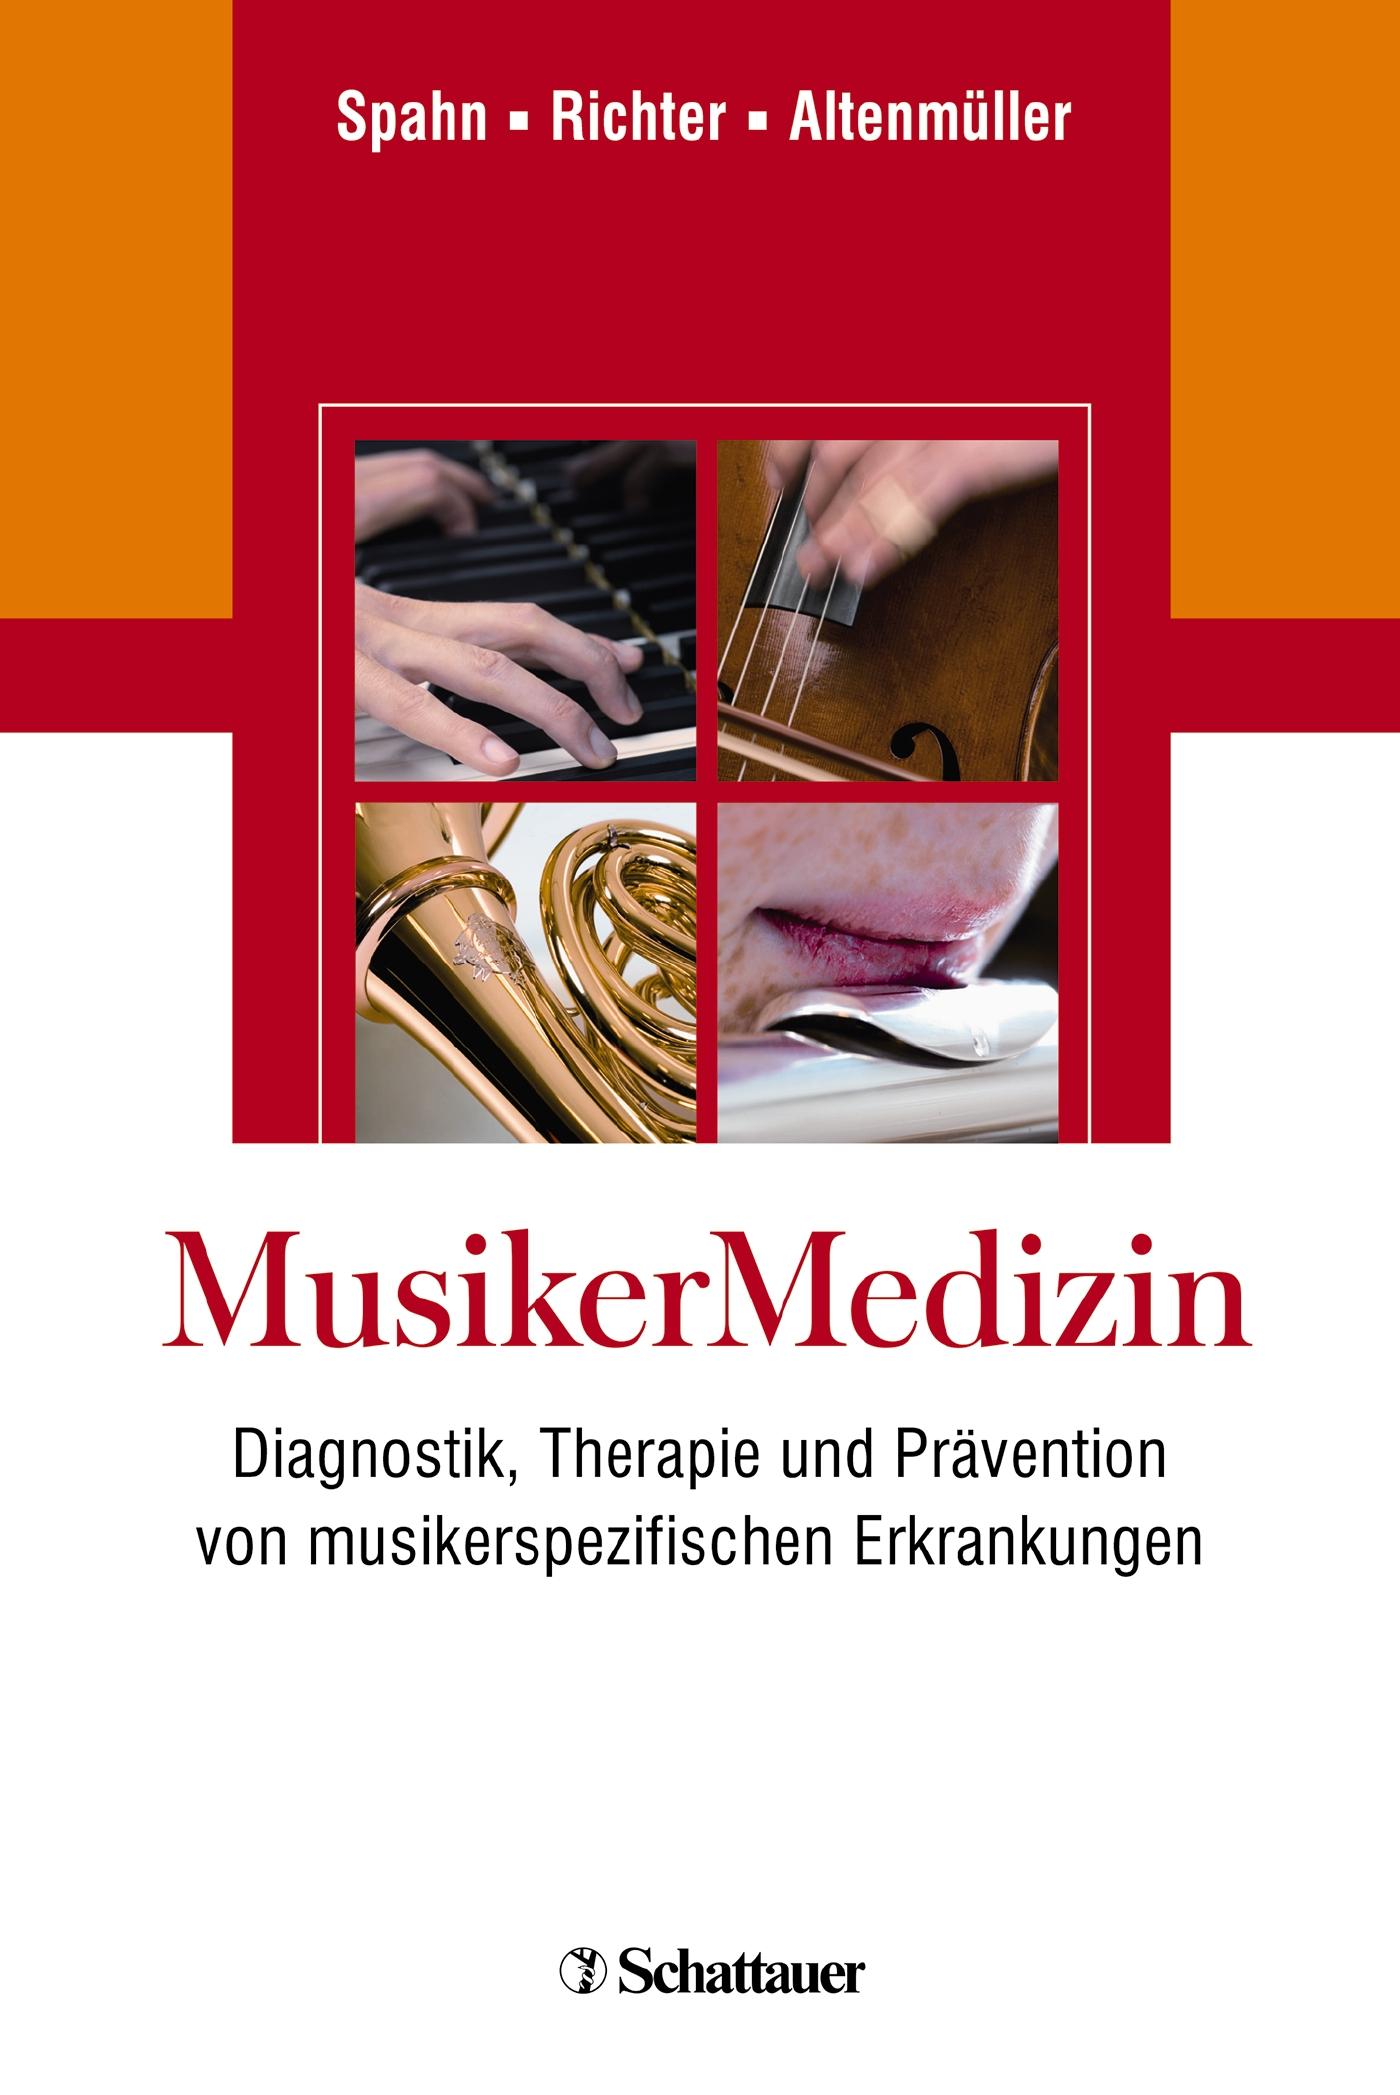 MusikerMedizin